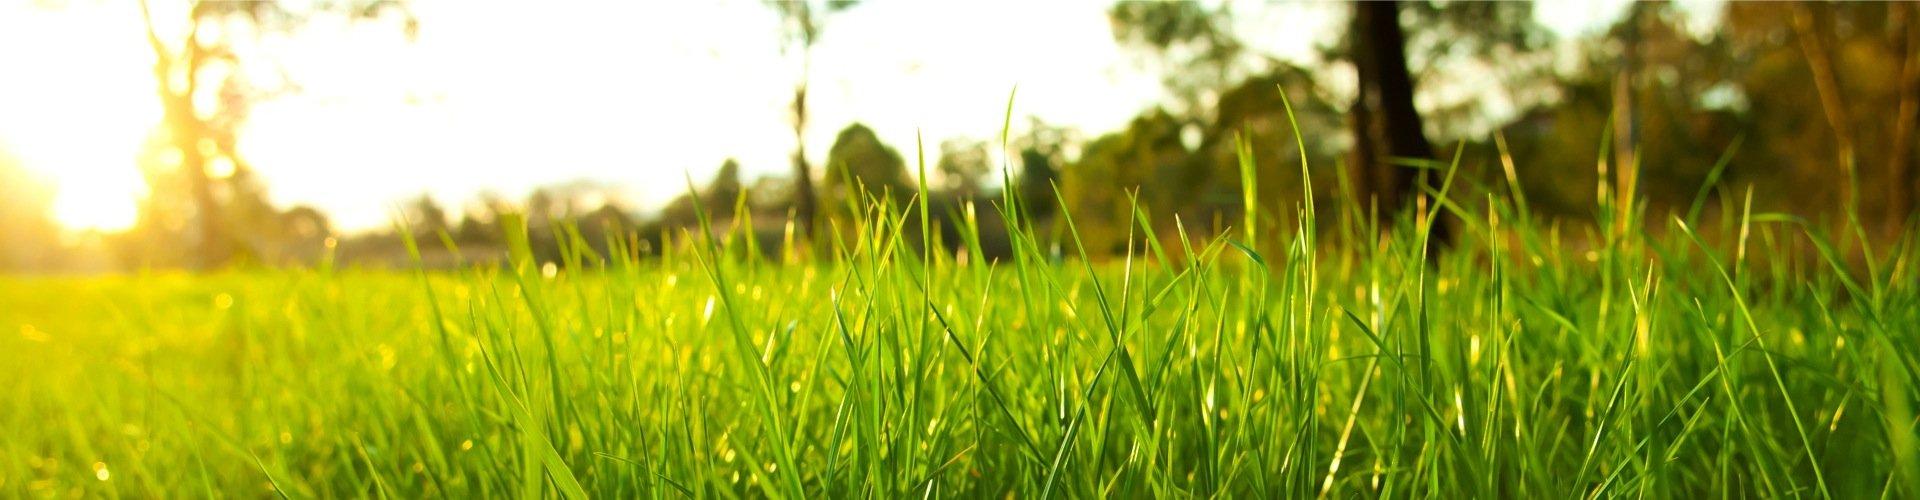 lush-grass2